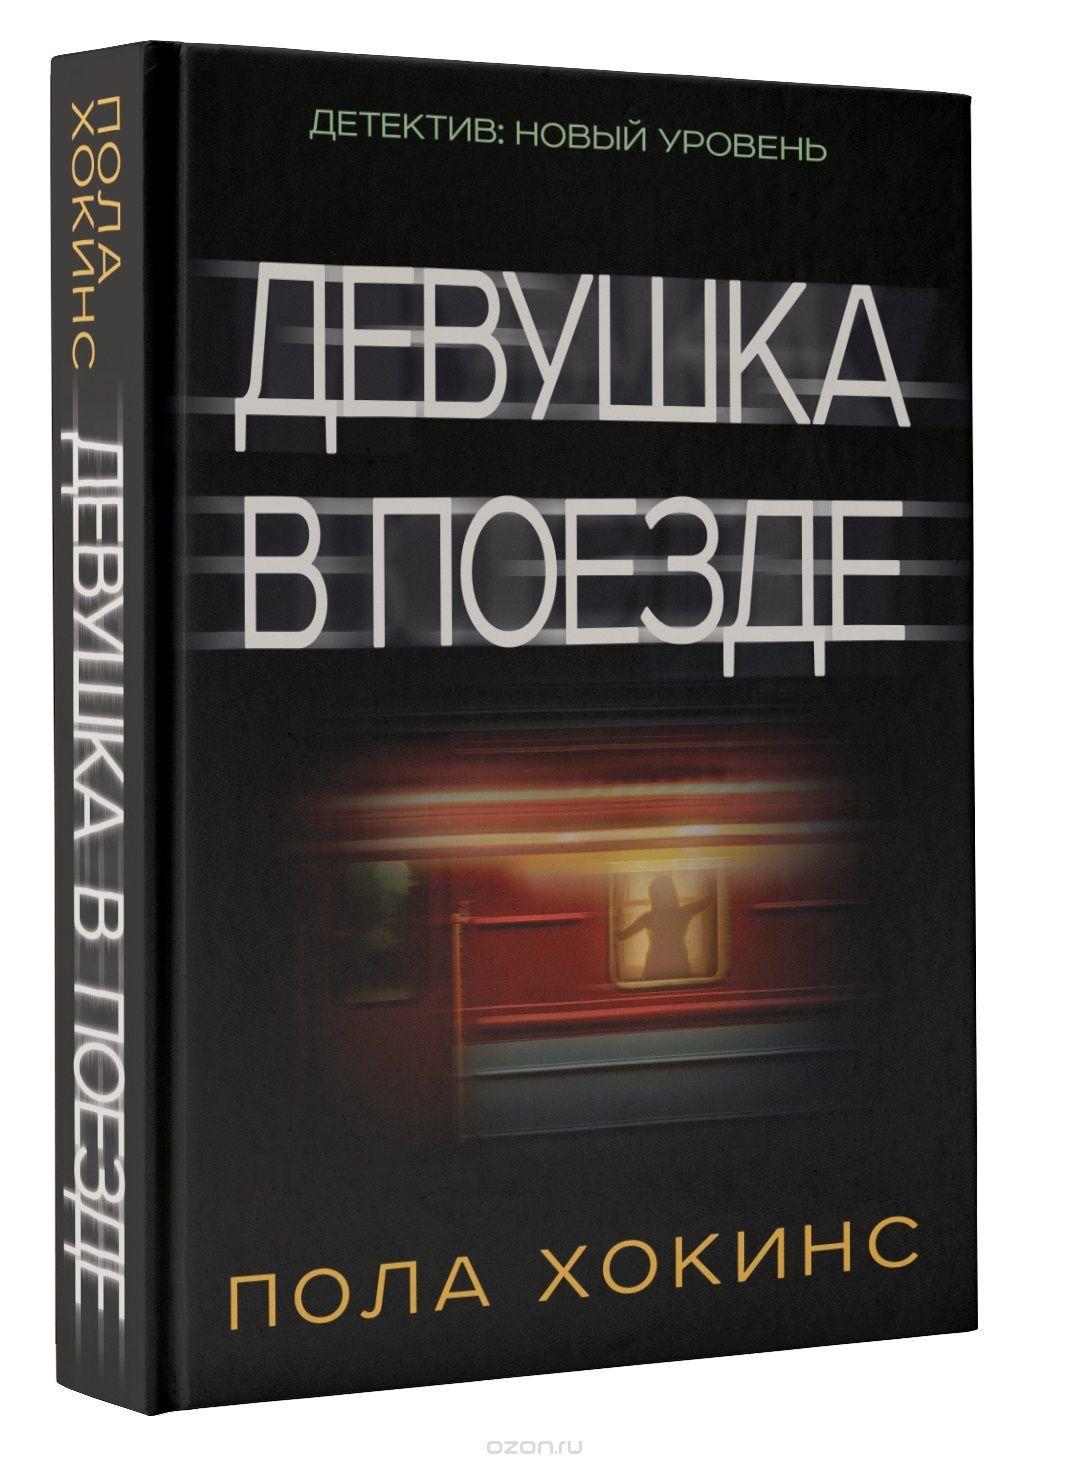 Kitab Девушка в поезде | Пола Хокинс